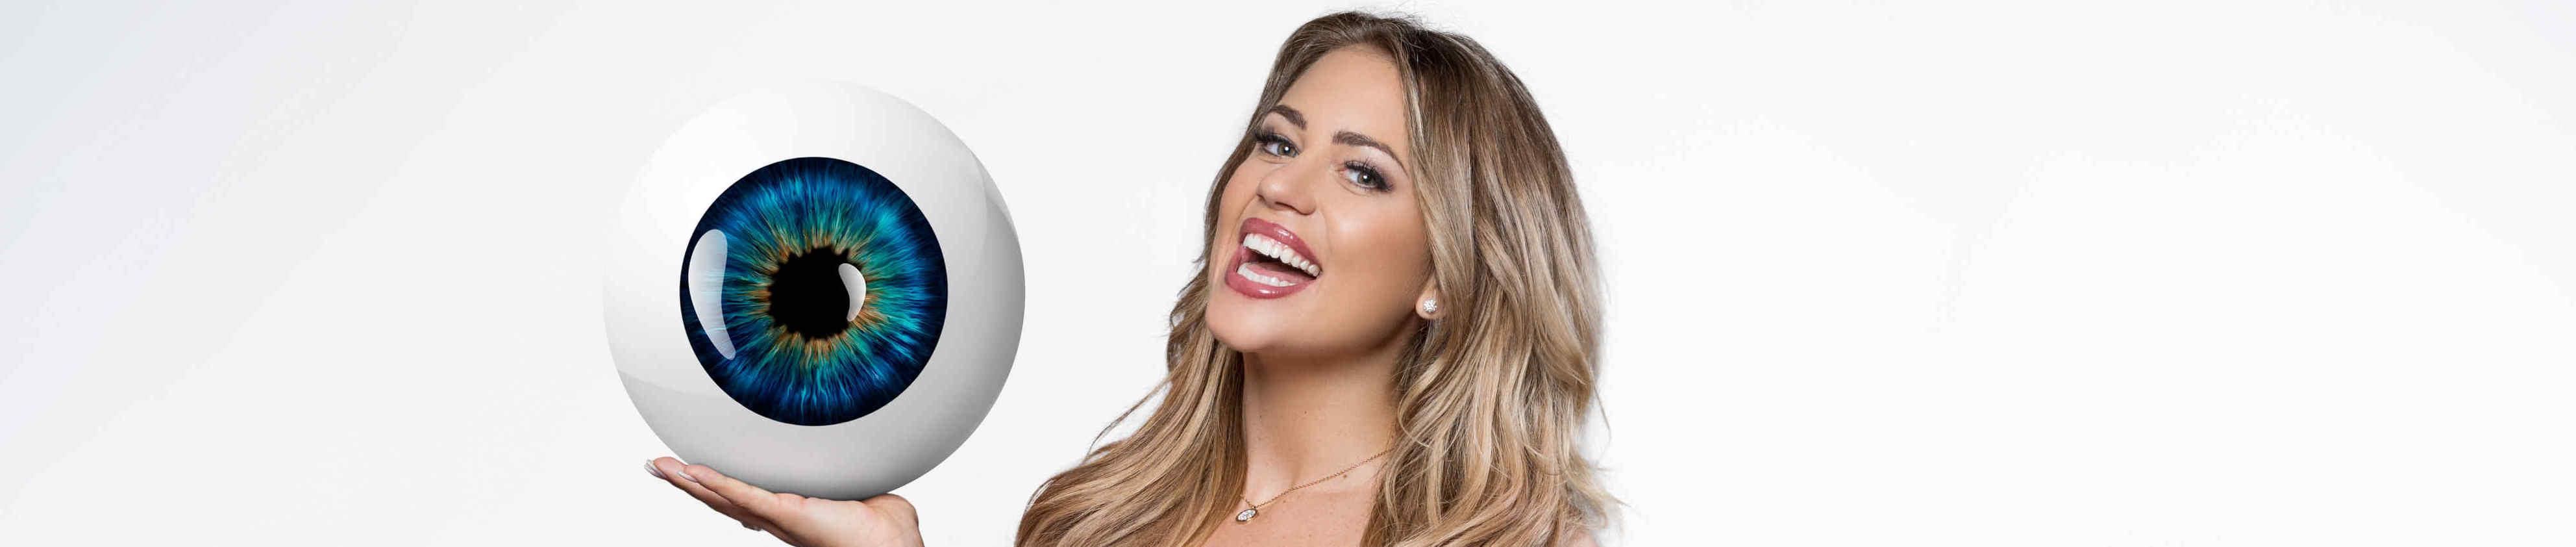 Jessica Paszka Promi Big Brother 2016